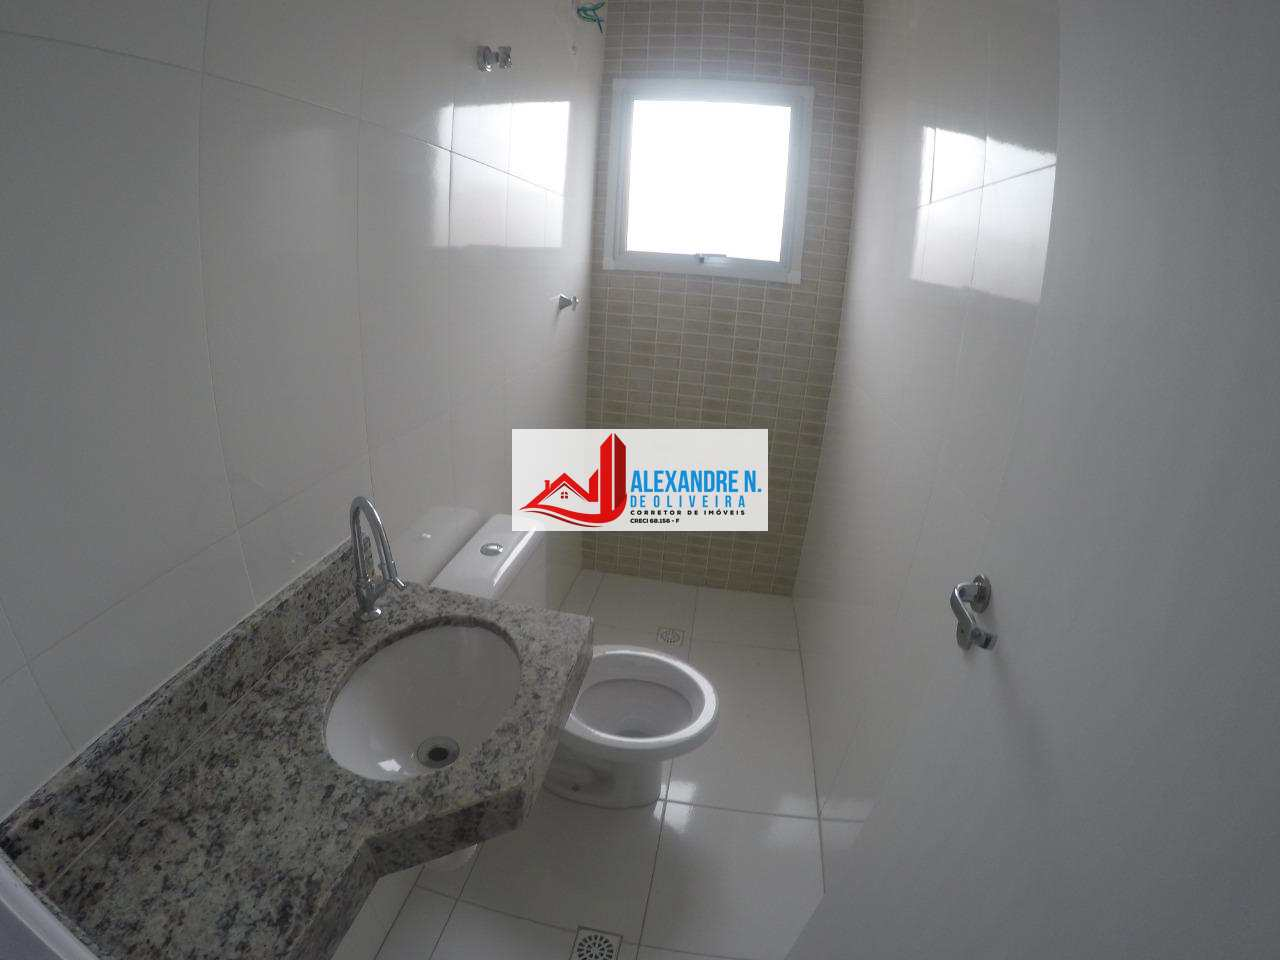 Sobrado, 2 dorms, Anhanguera, Praia Grande, R$ 210 mil, SB00008